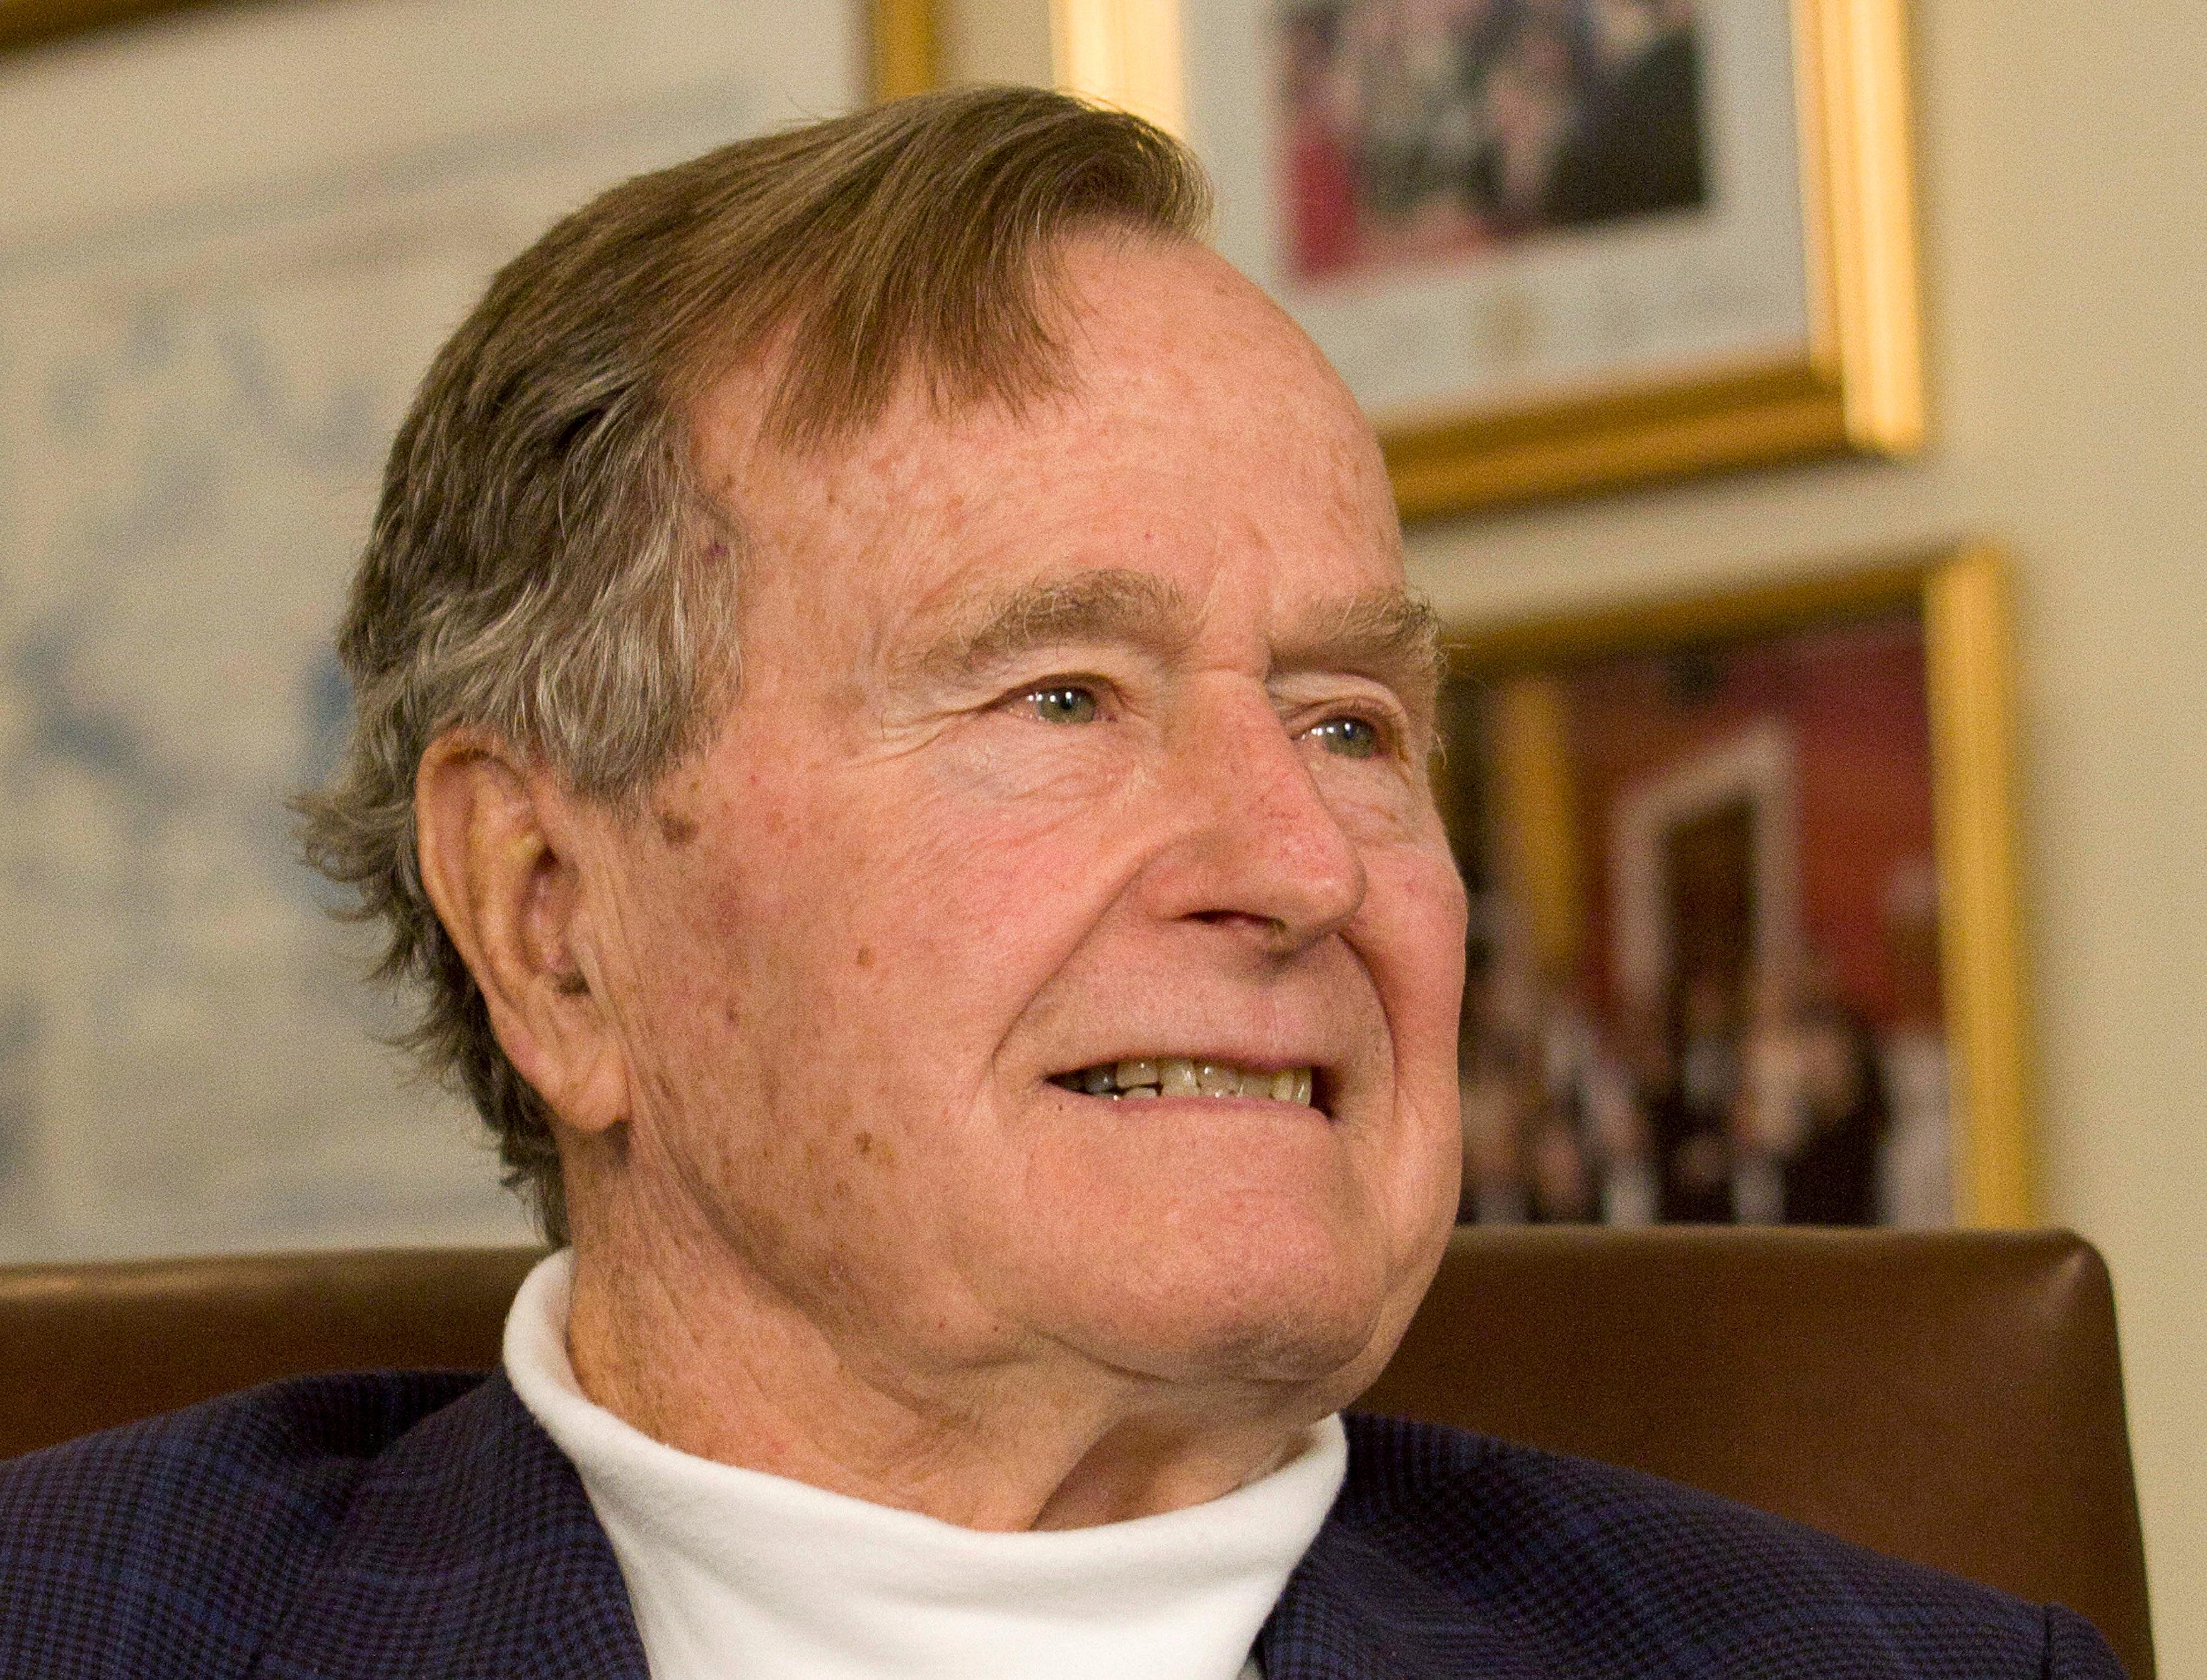 جورج بوش الأب  الرئيس الأمريكى الأسبق  (14)